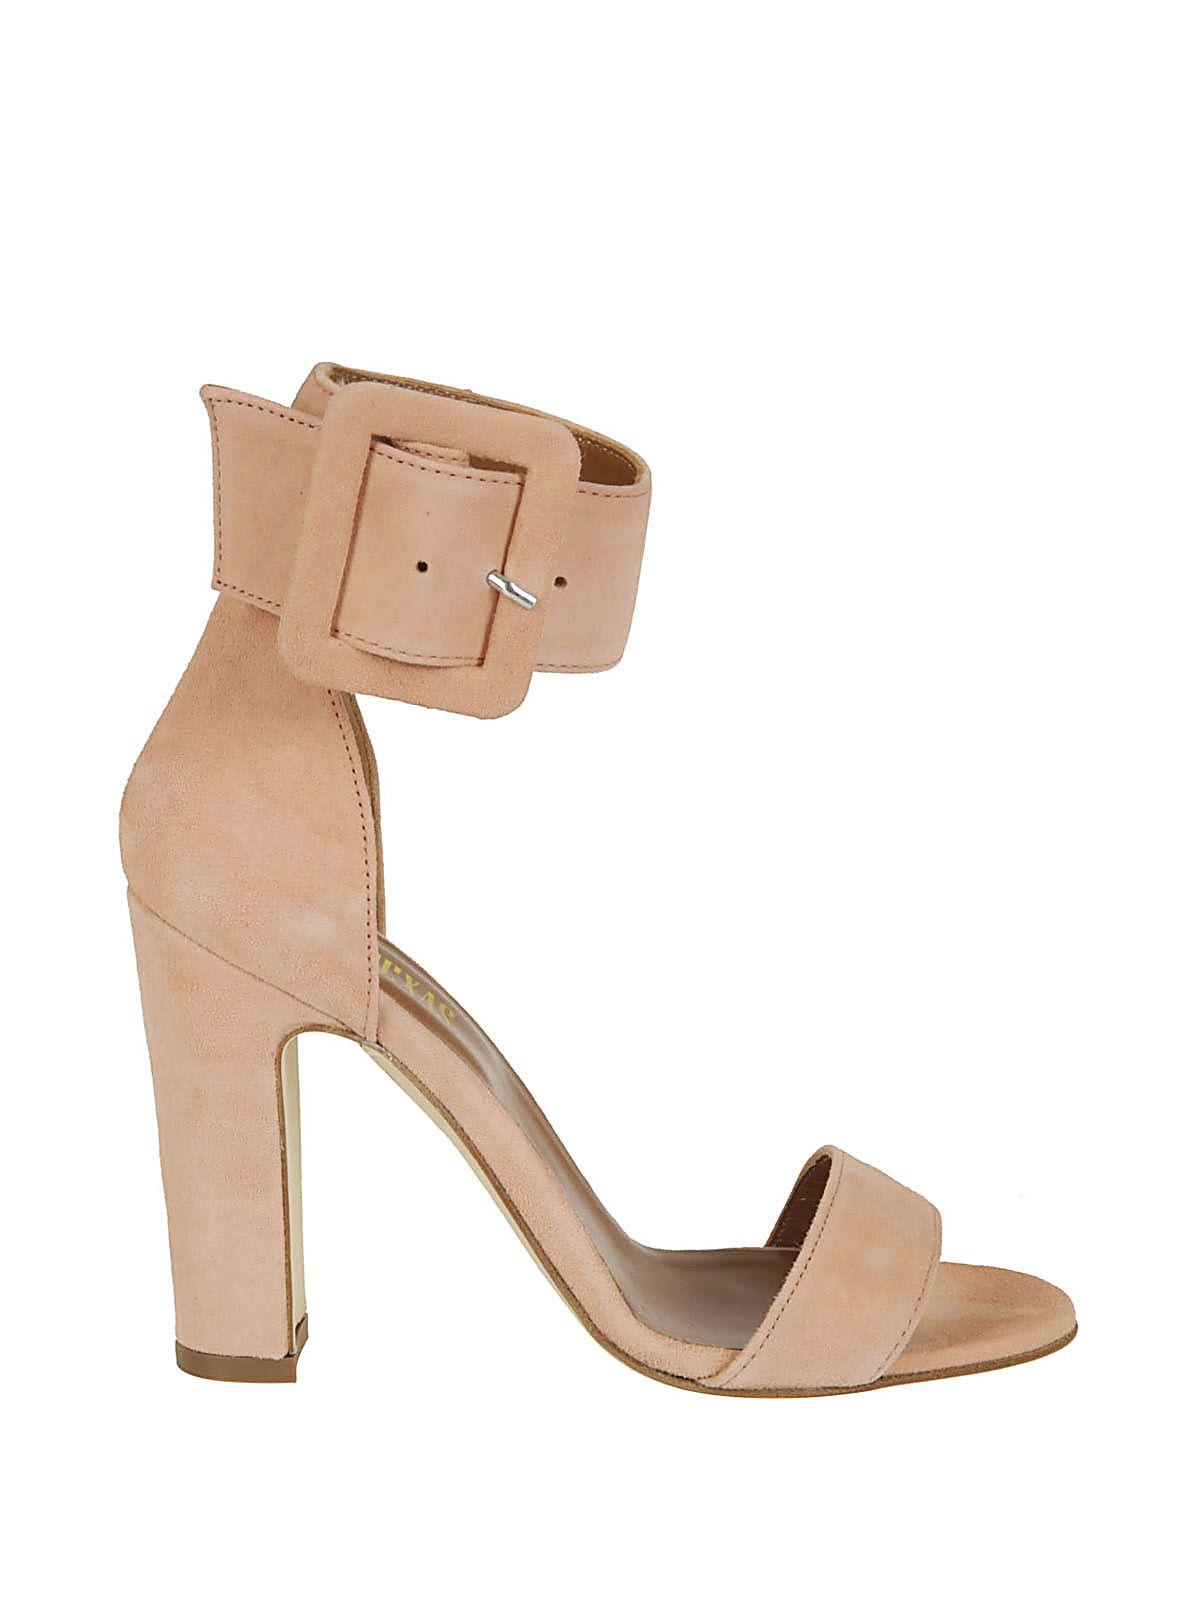 PARIS TEXAS Ankle strap sandals